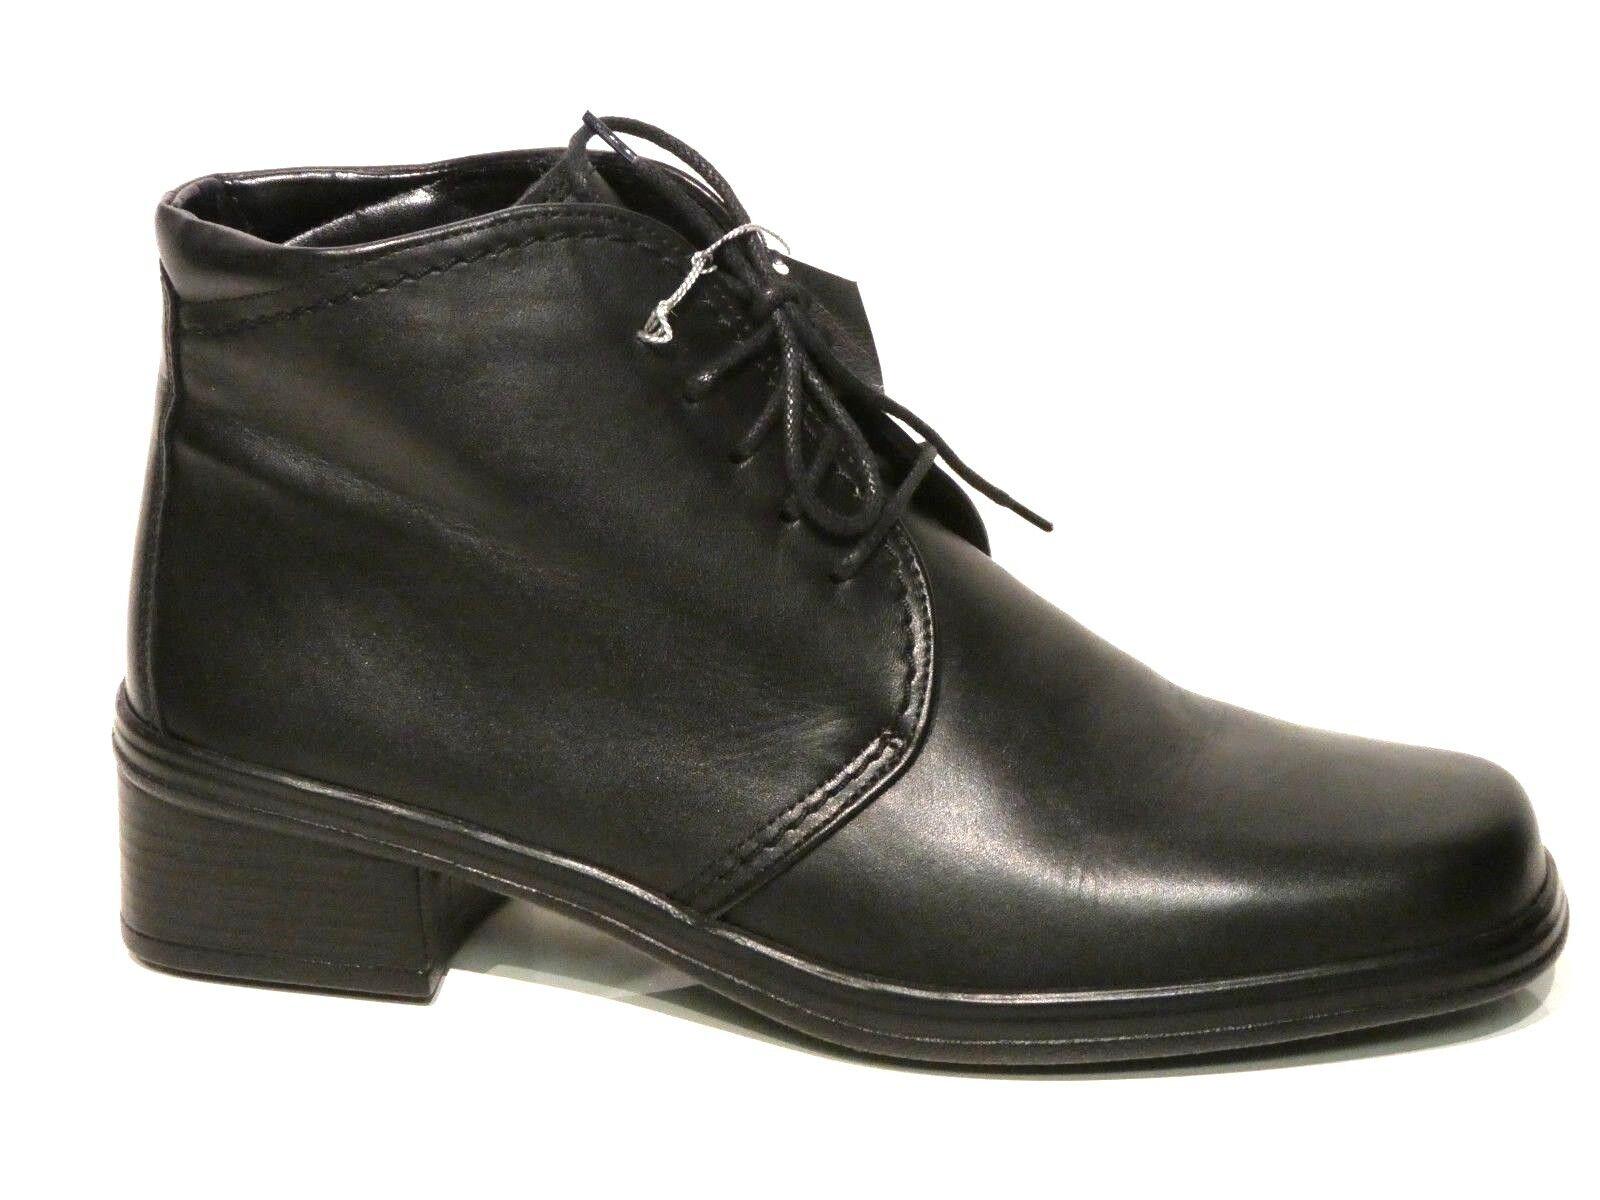 Gr. Heels, High Stiefeletten, Gabor 42, spitz schwarz